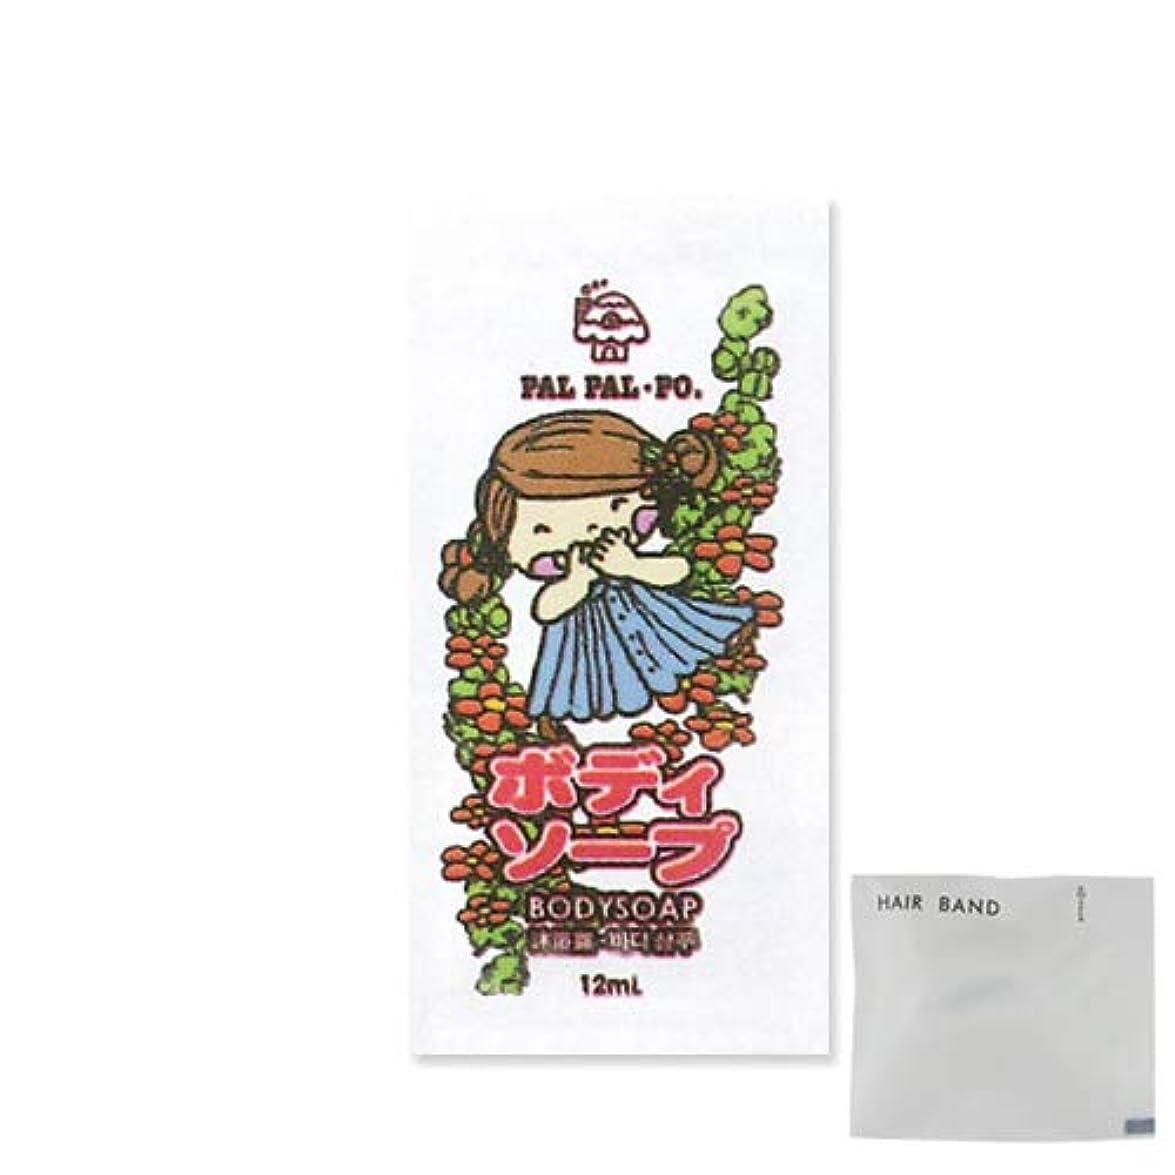 価値アーティストダーベビルのテスパルパルポー(PAL PAL?PO) 子供用 ボディソープ(12mL) フローラルの香り ×20個セット + ヘアゴム(カラーはおまかせ)セット